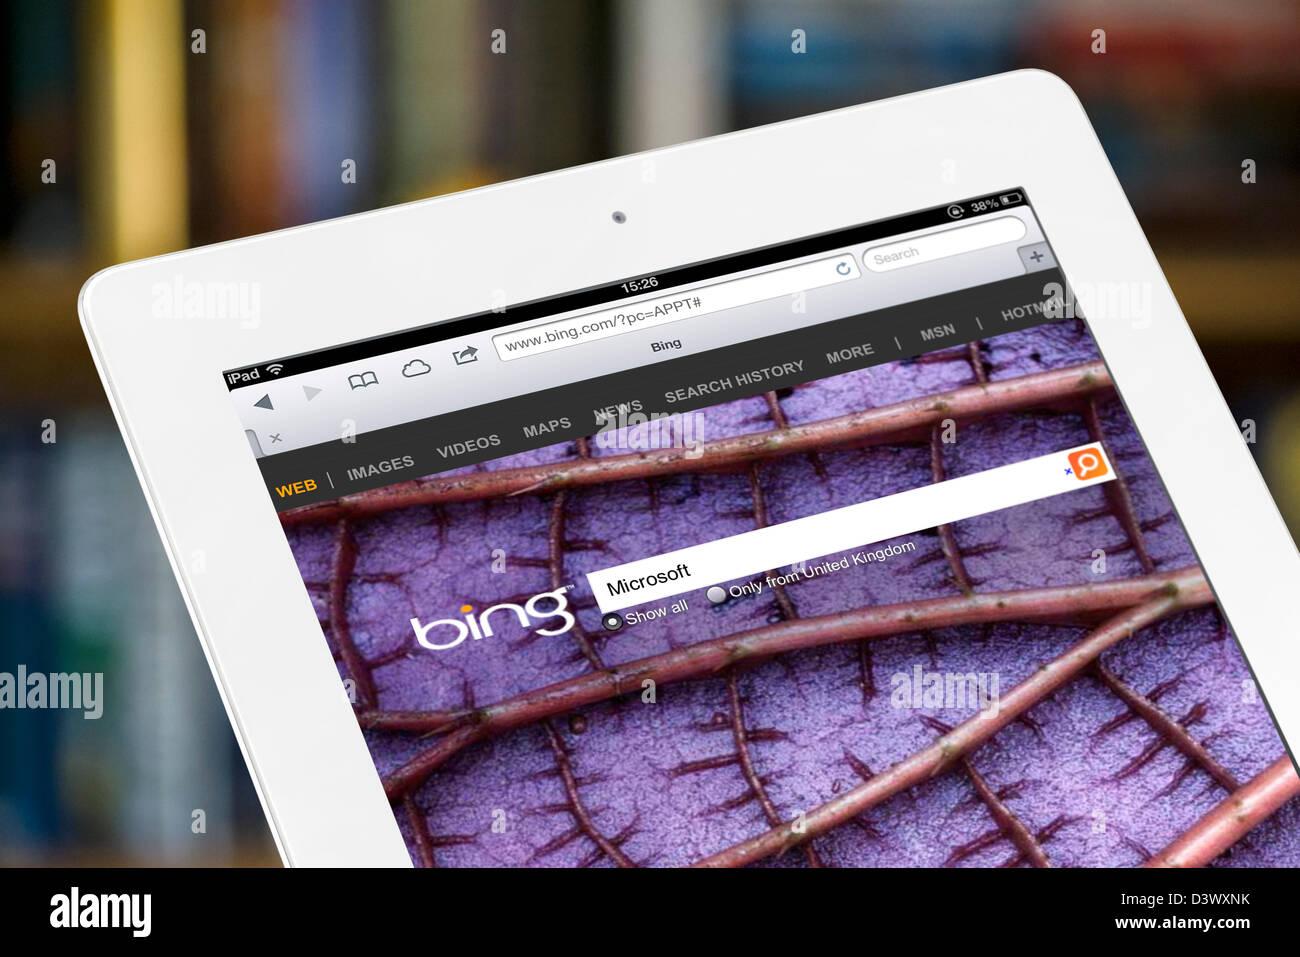 Ricerca con bing vista su una quarta generazione di iPad Immagini Stock